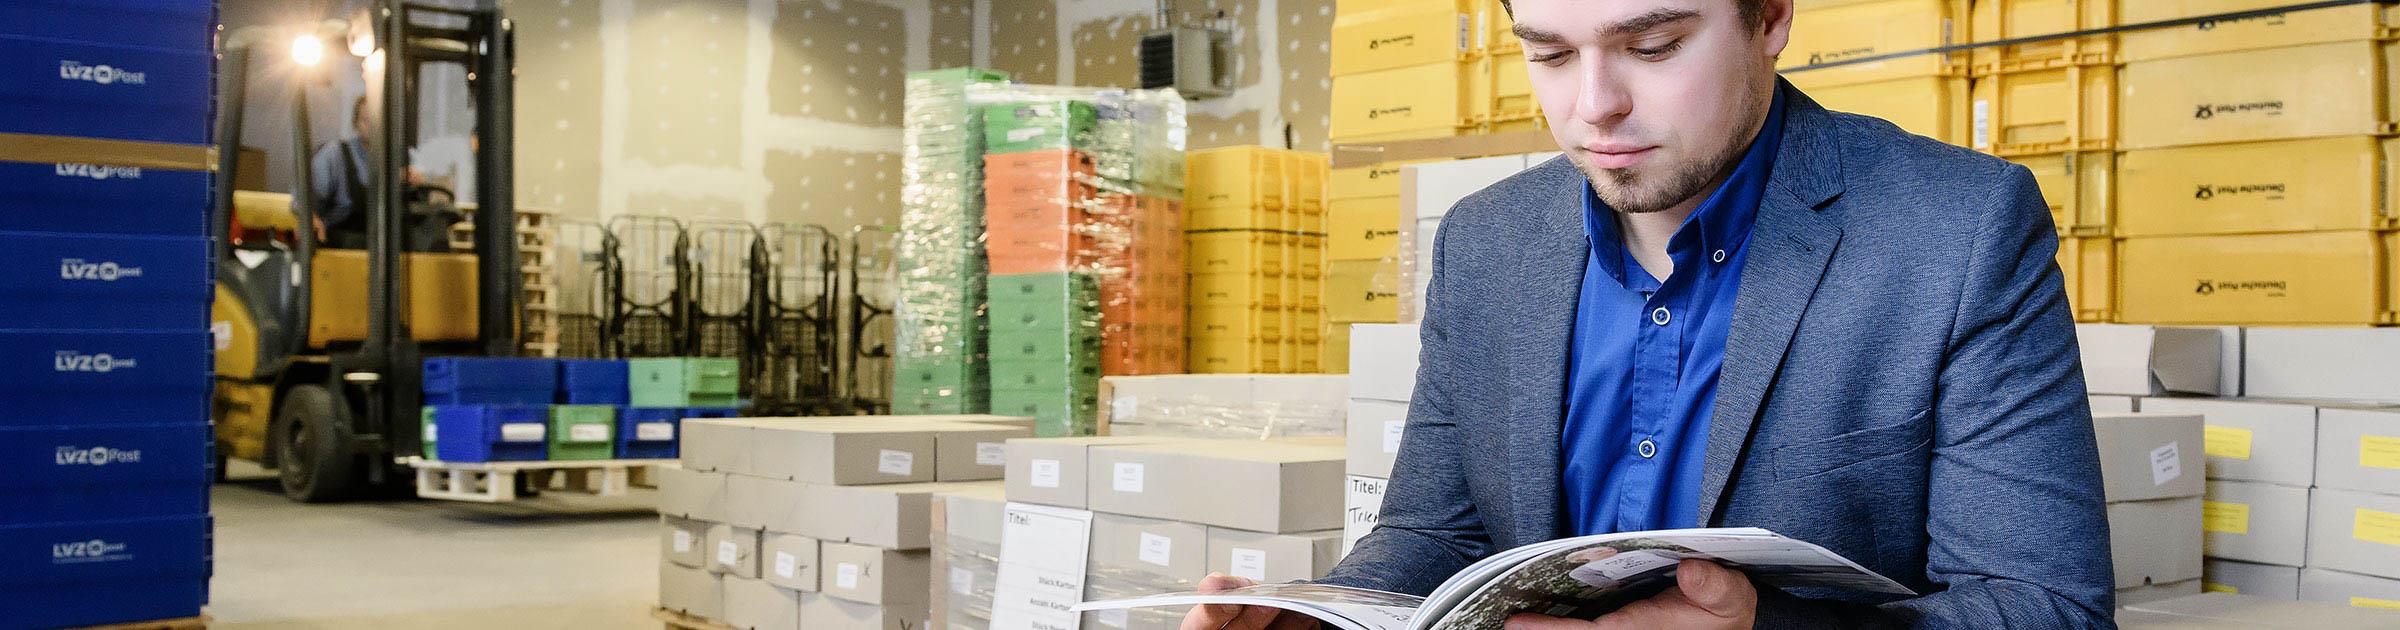 Lettershop Mitarbeiter kontrolliert den Druck einer Broschüre